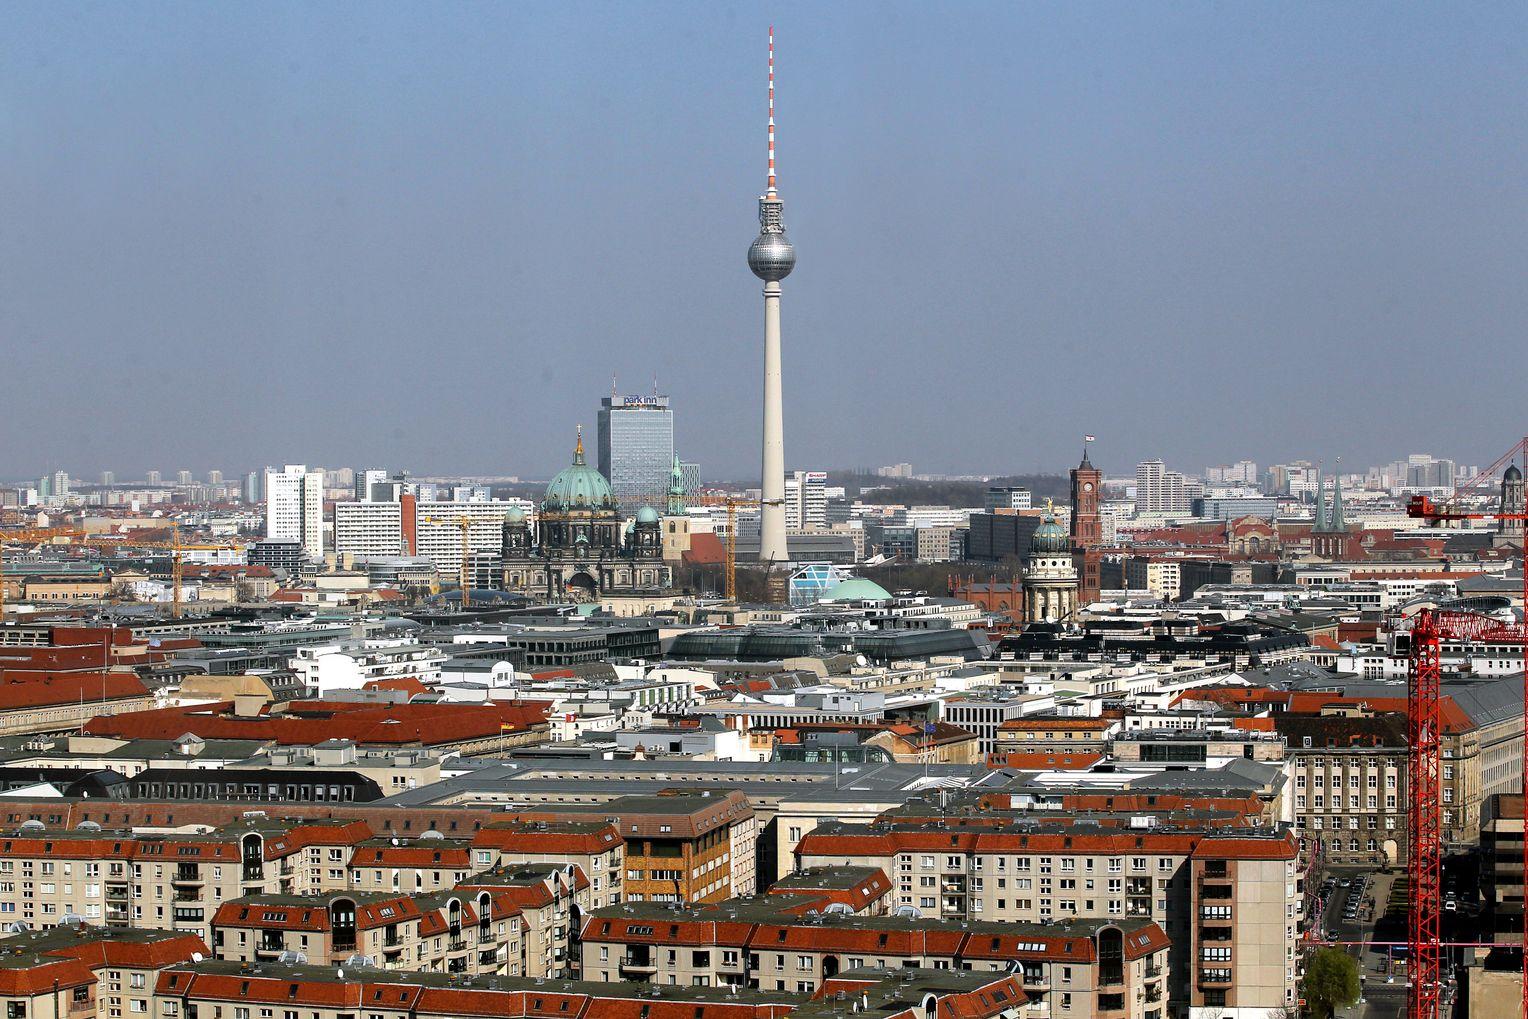 Stau Stuttgart Frankfurt